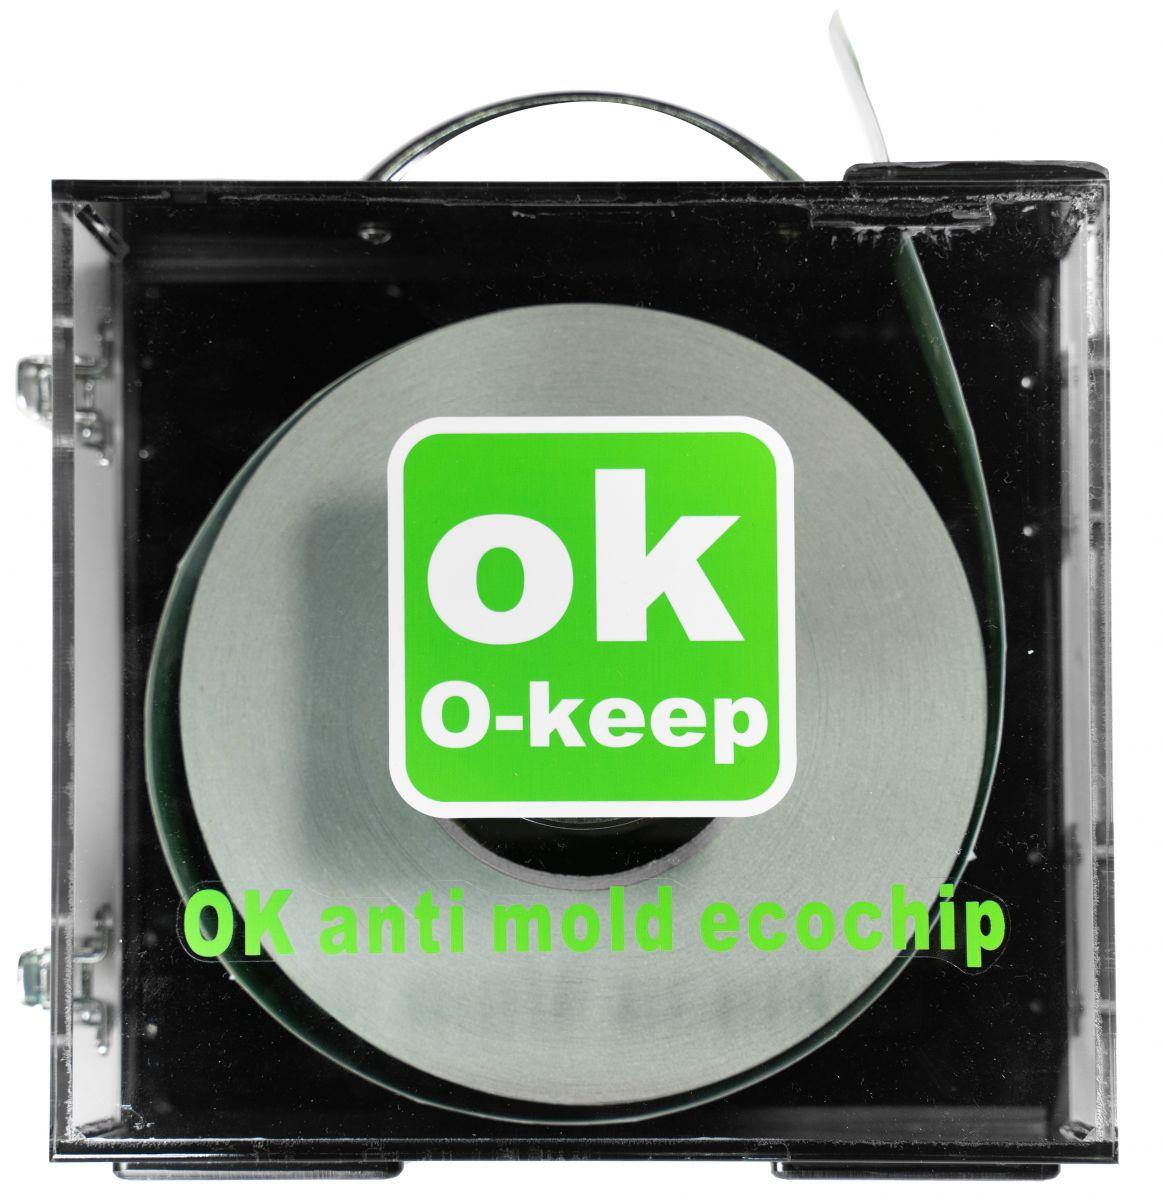 DISPENSER - OK ANTI MOLD ECOCHIP